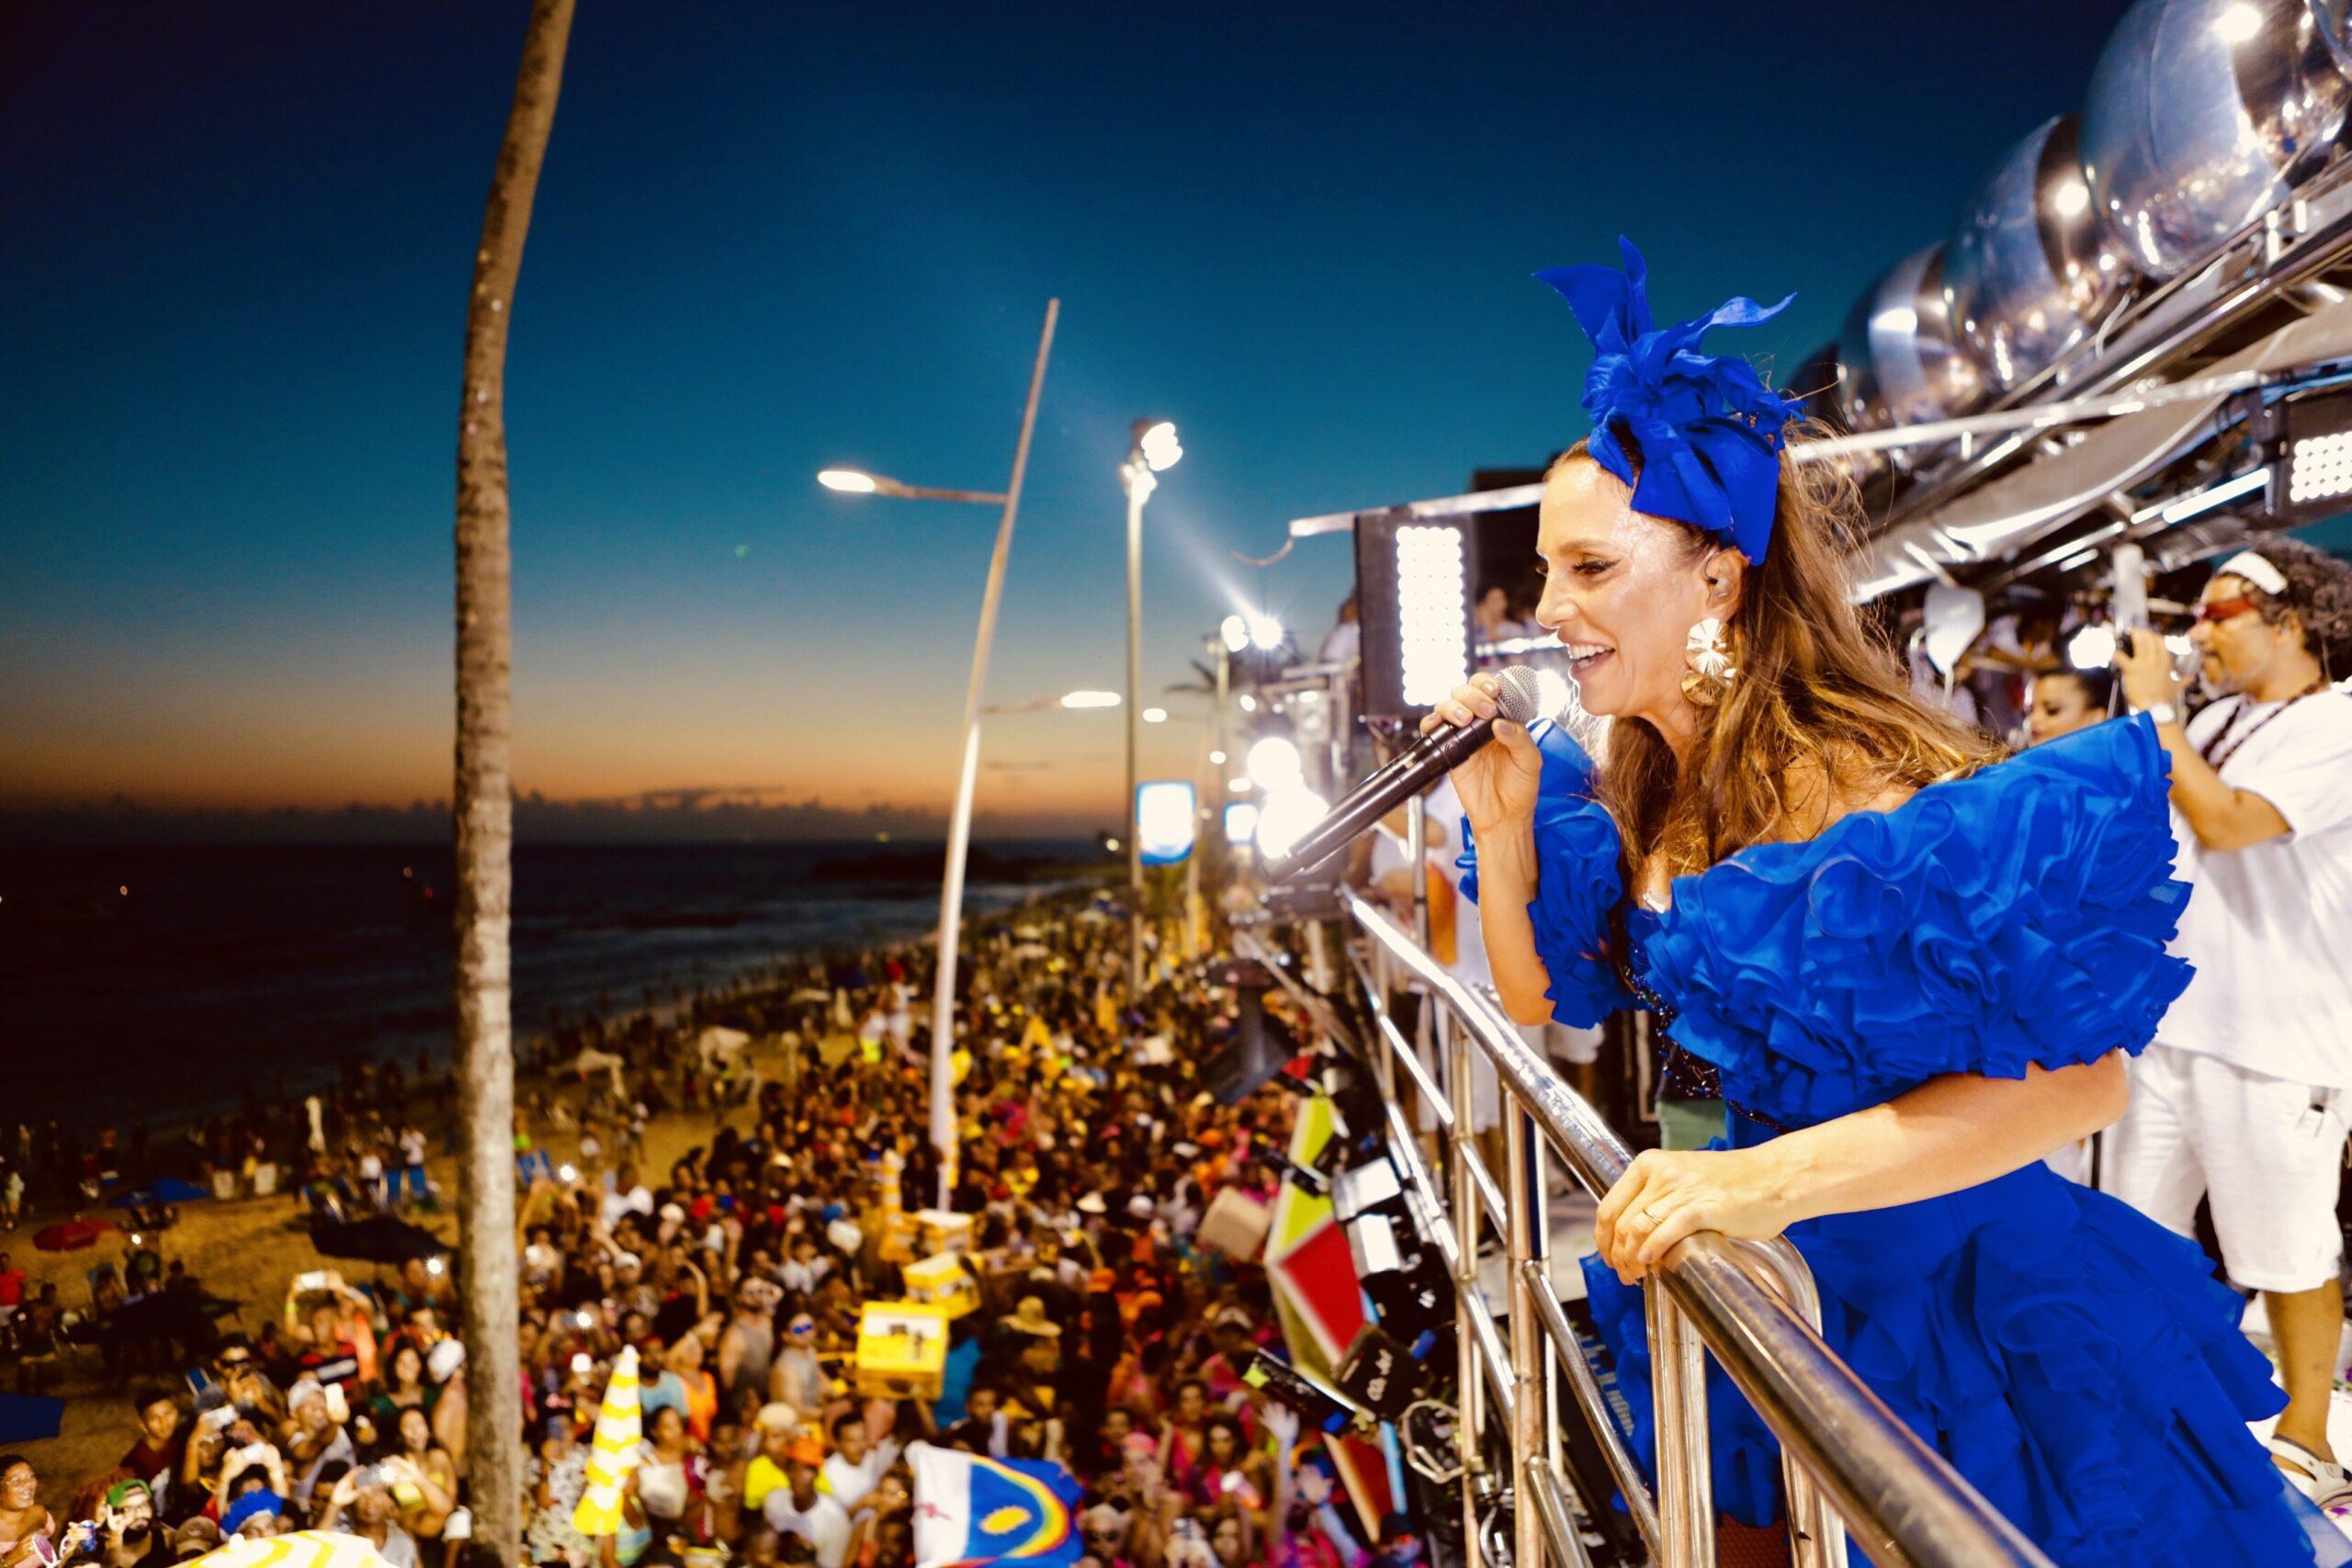 Foto da cantora Ivete Sangalo em cima do trio elétrico no Carnaval de Salvador